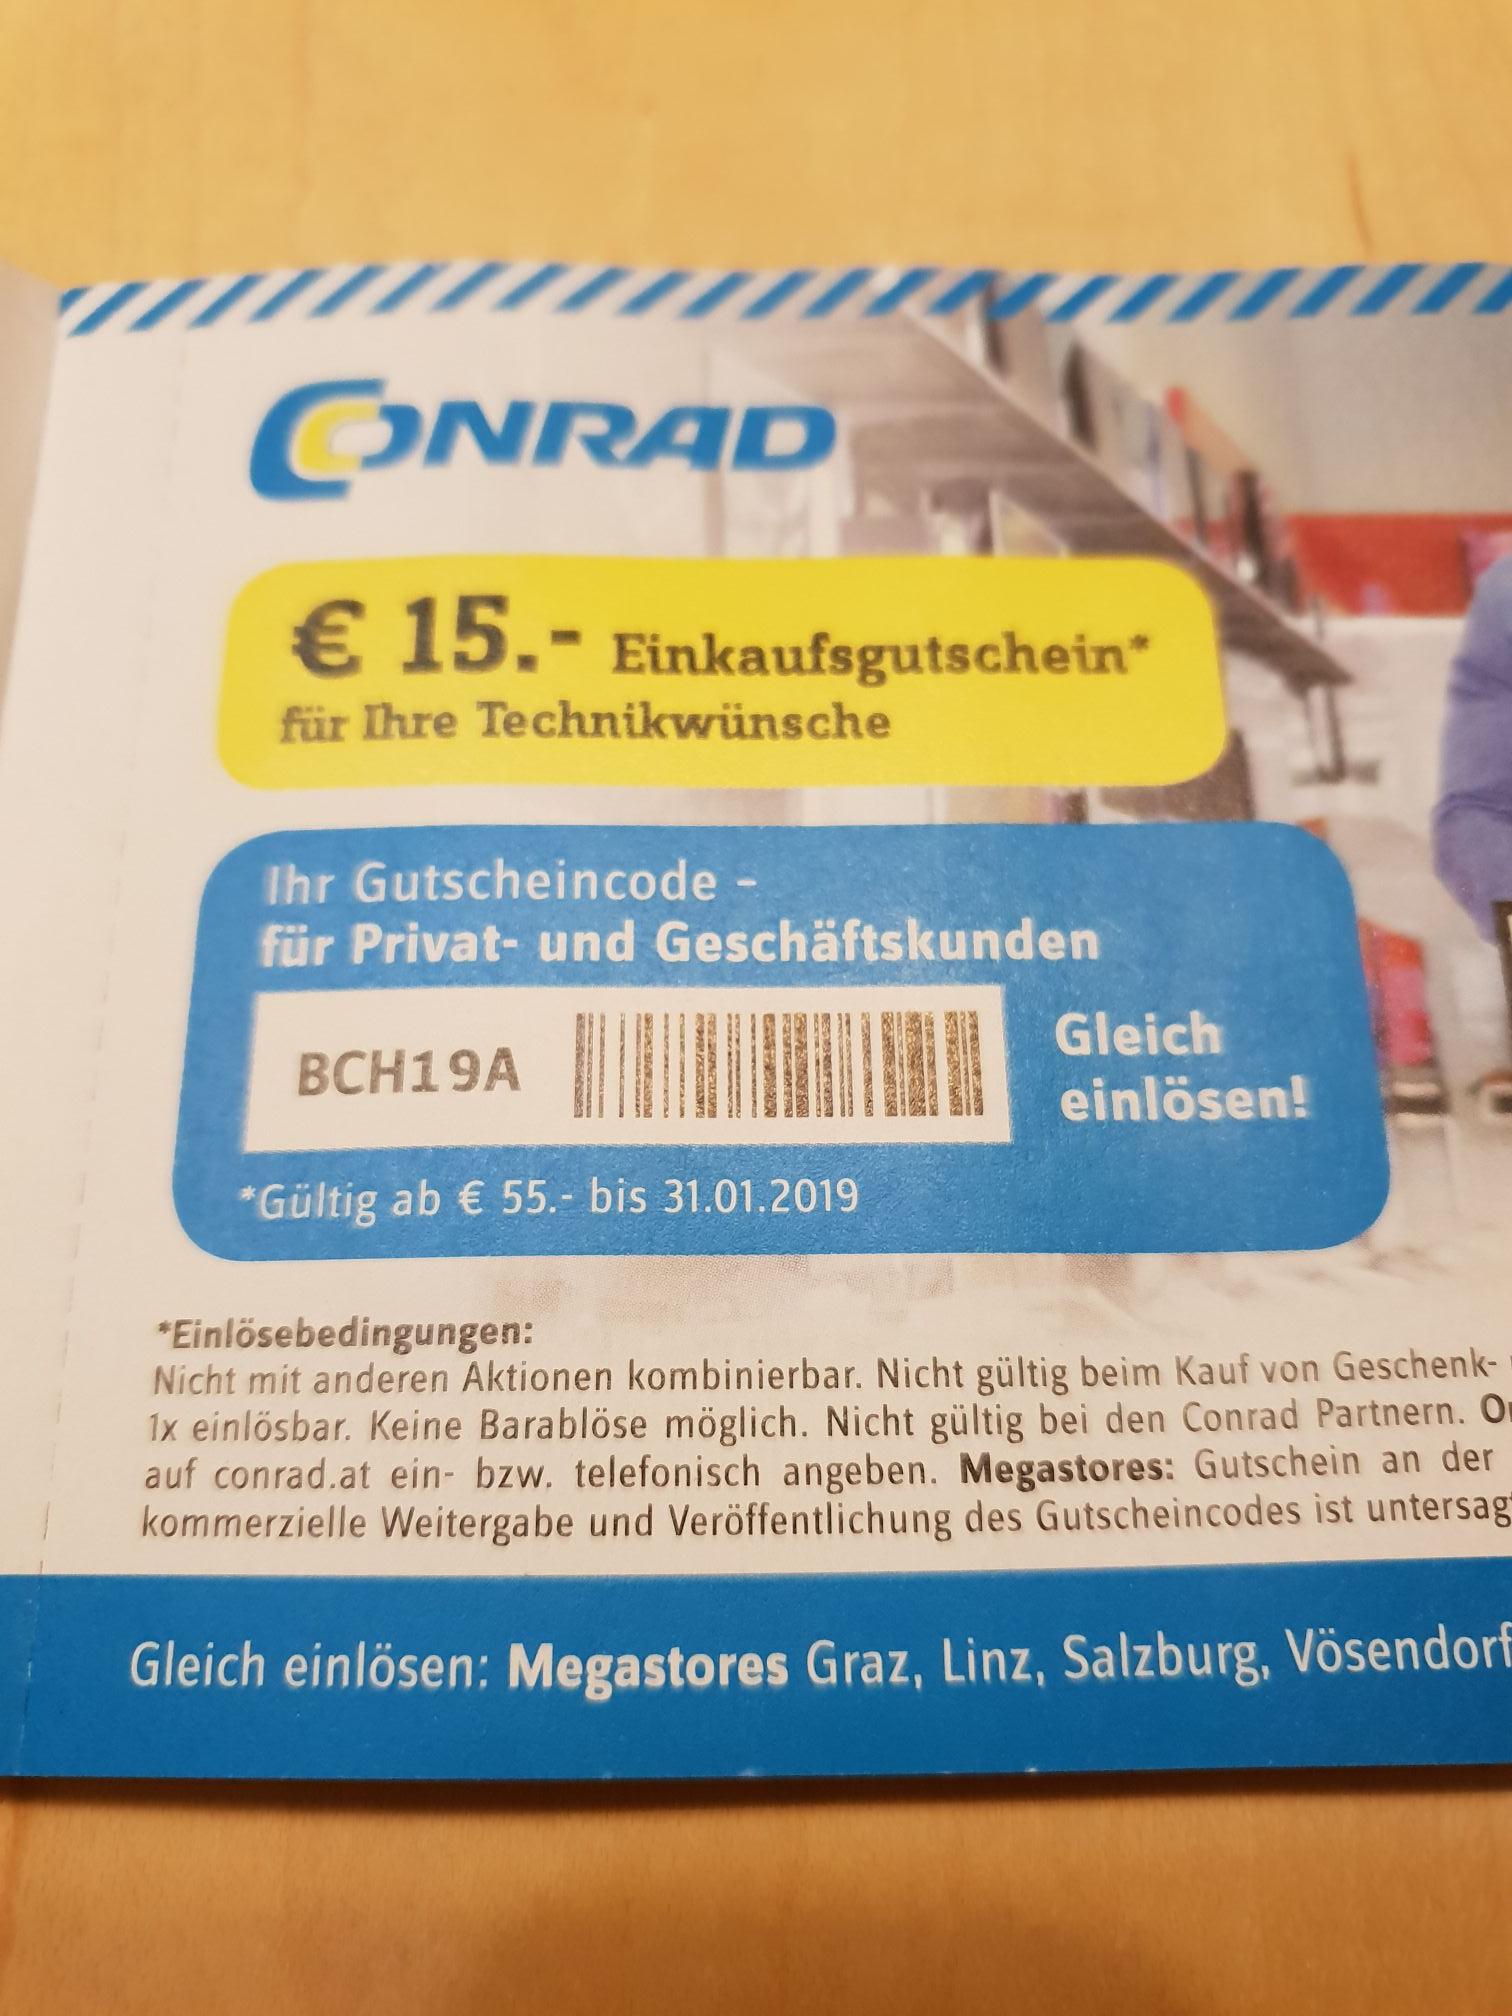 Conrad Gutschein €15 Einkaufsgutschein (Gültig ab €55 Einkaufswert)